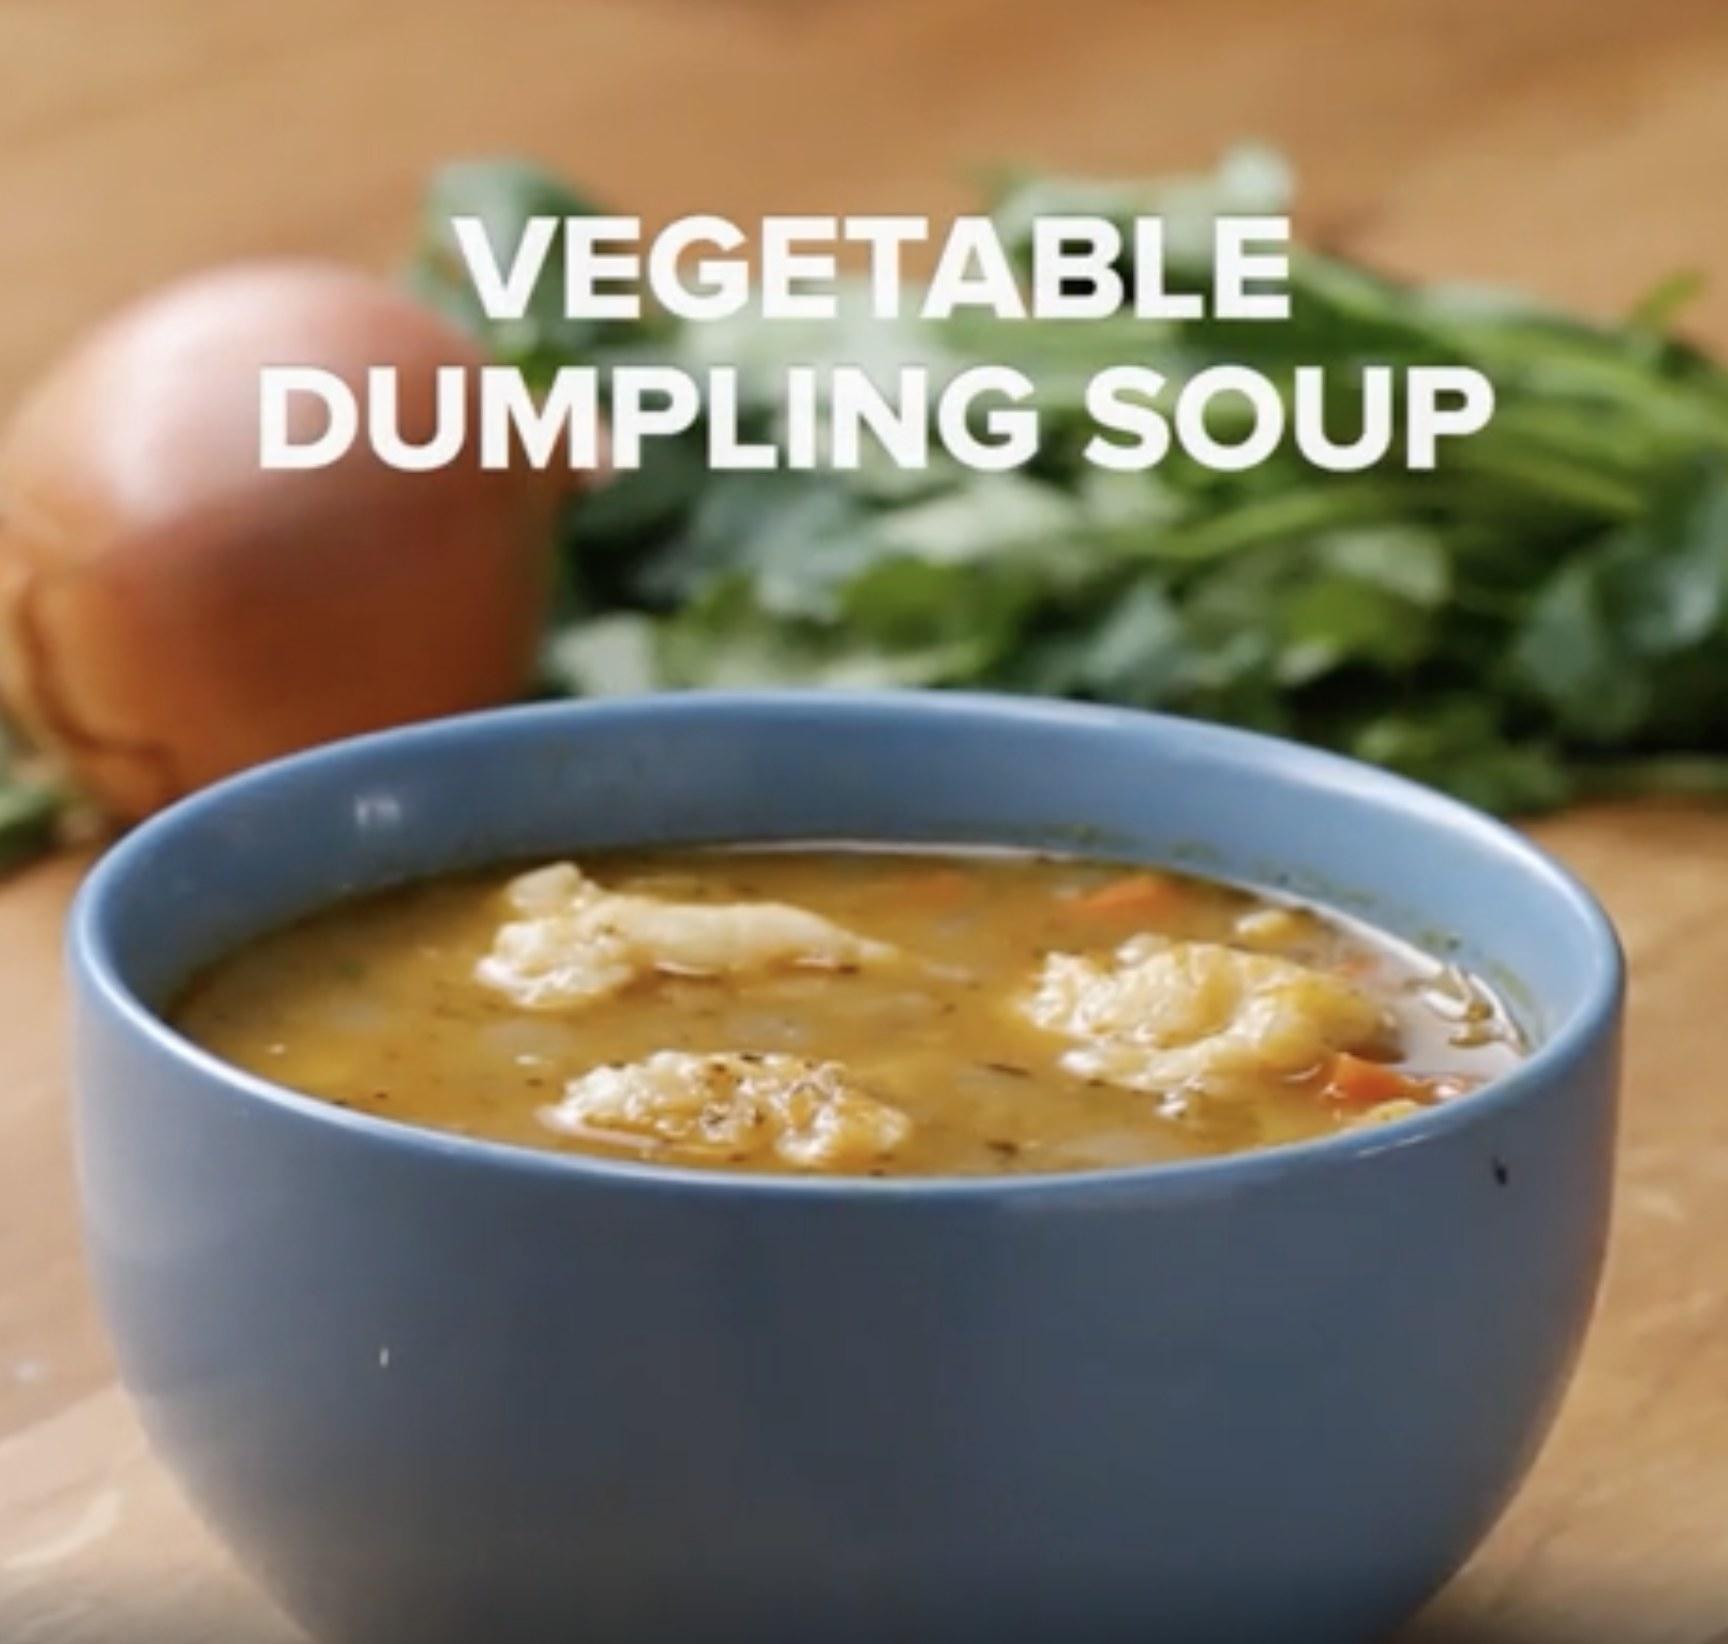 A bowl of vegetable dumpling soup